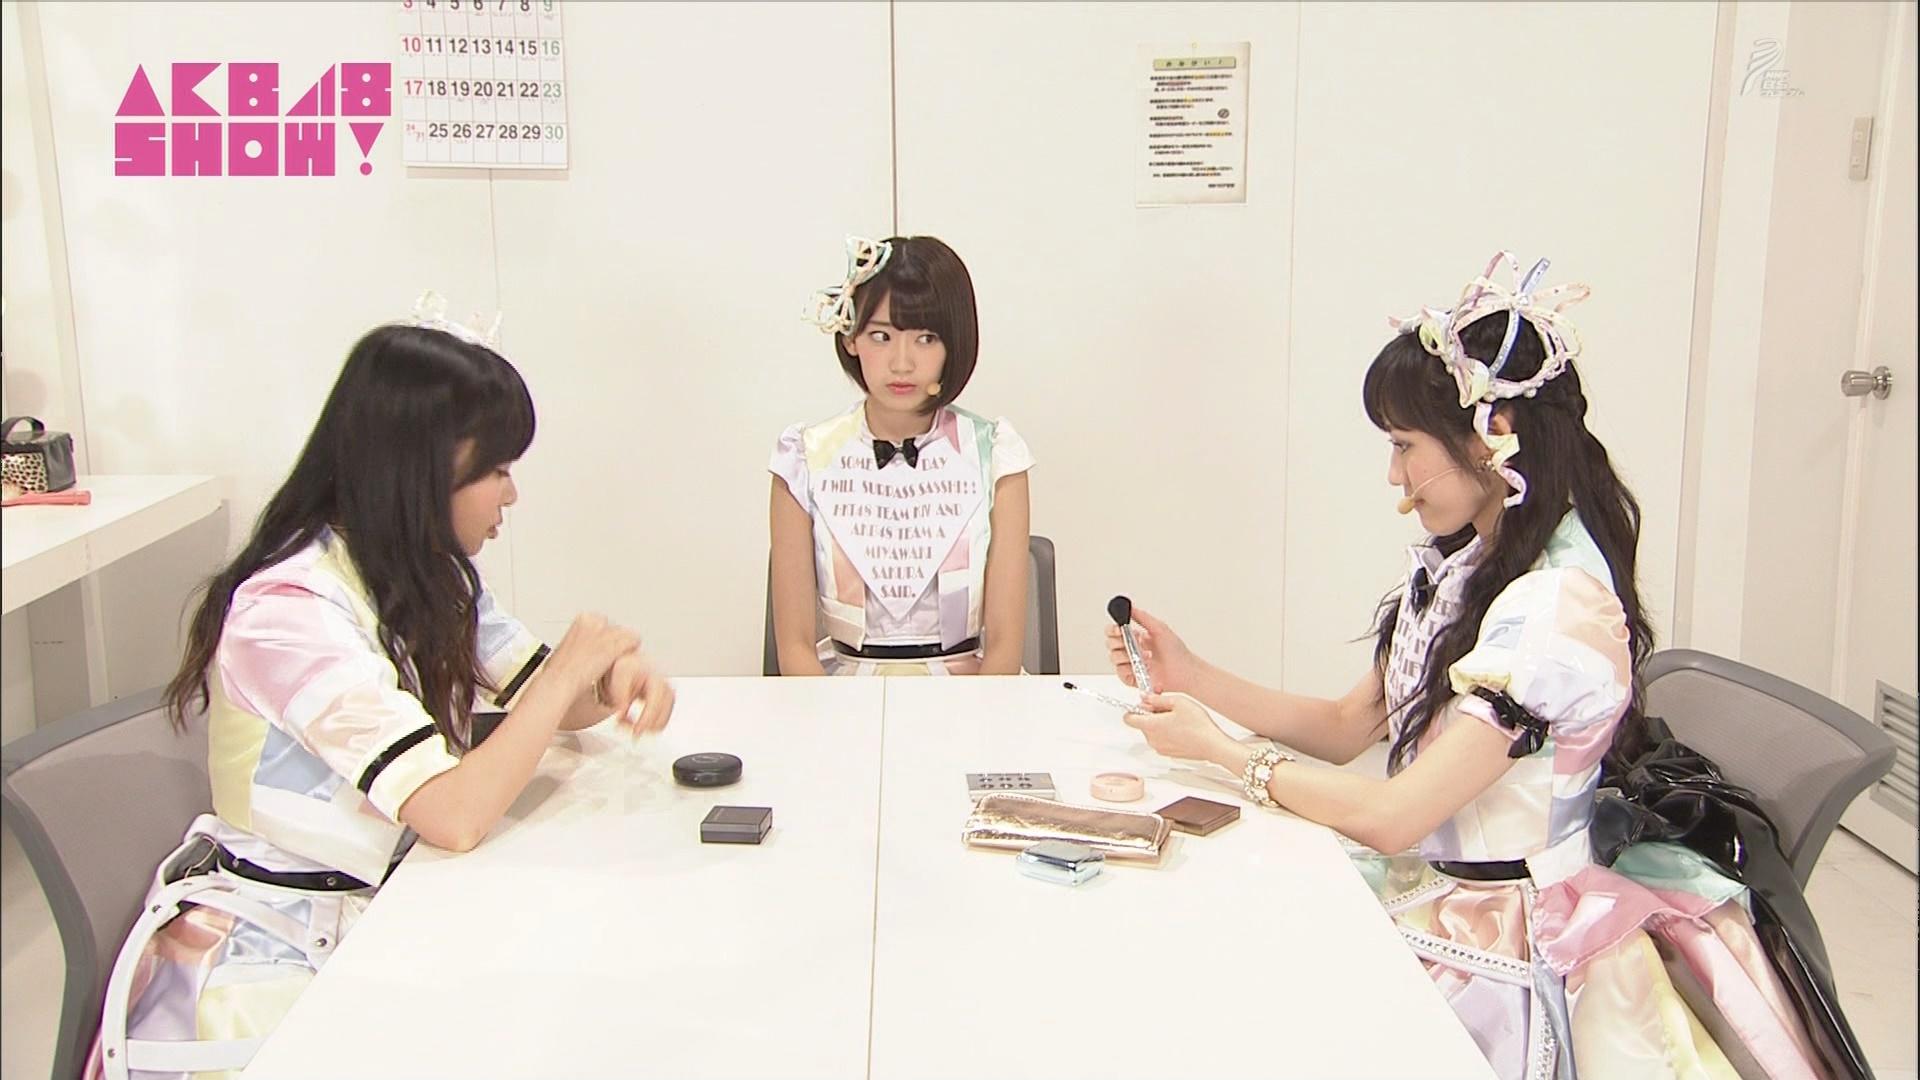 AKB48SHOW 心のプラカード 渡辺麻友 20140830